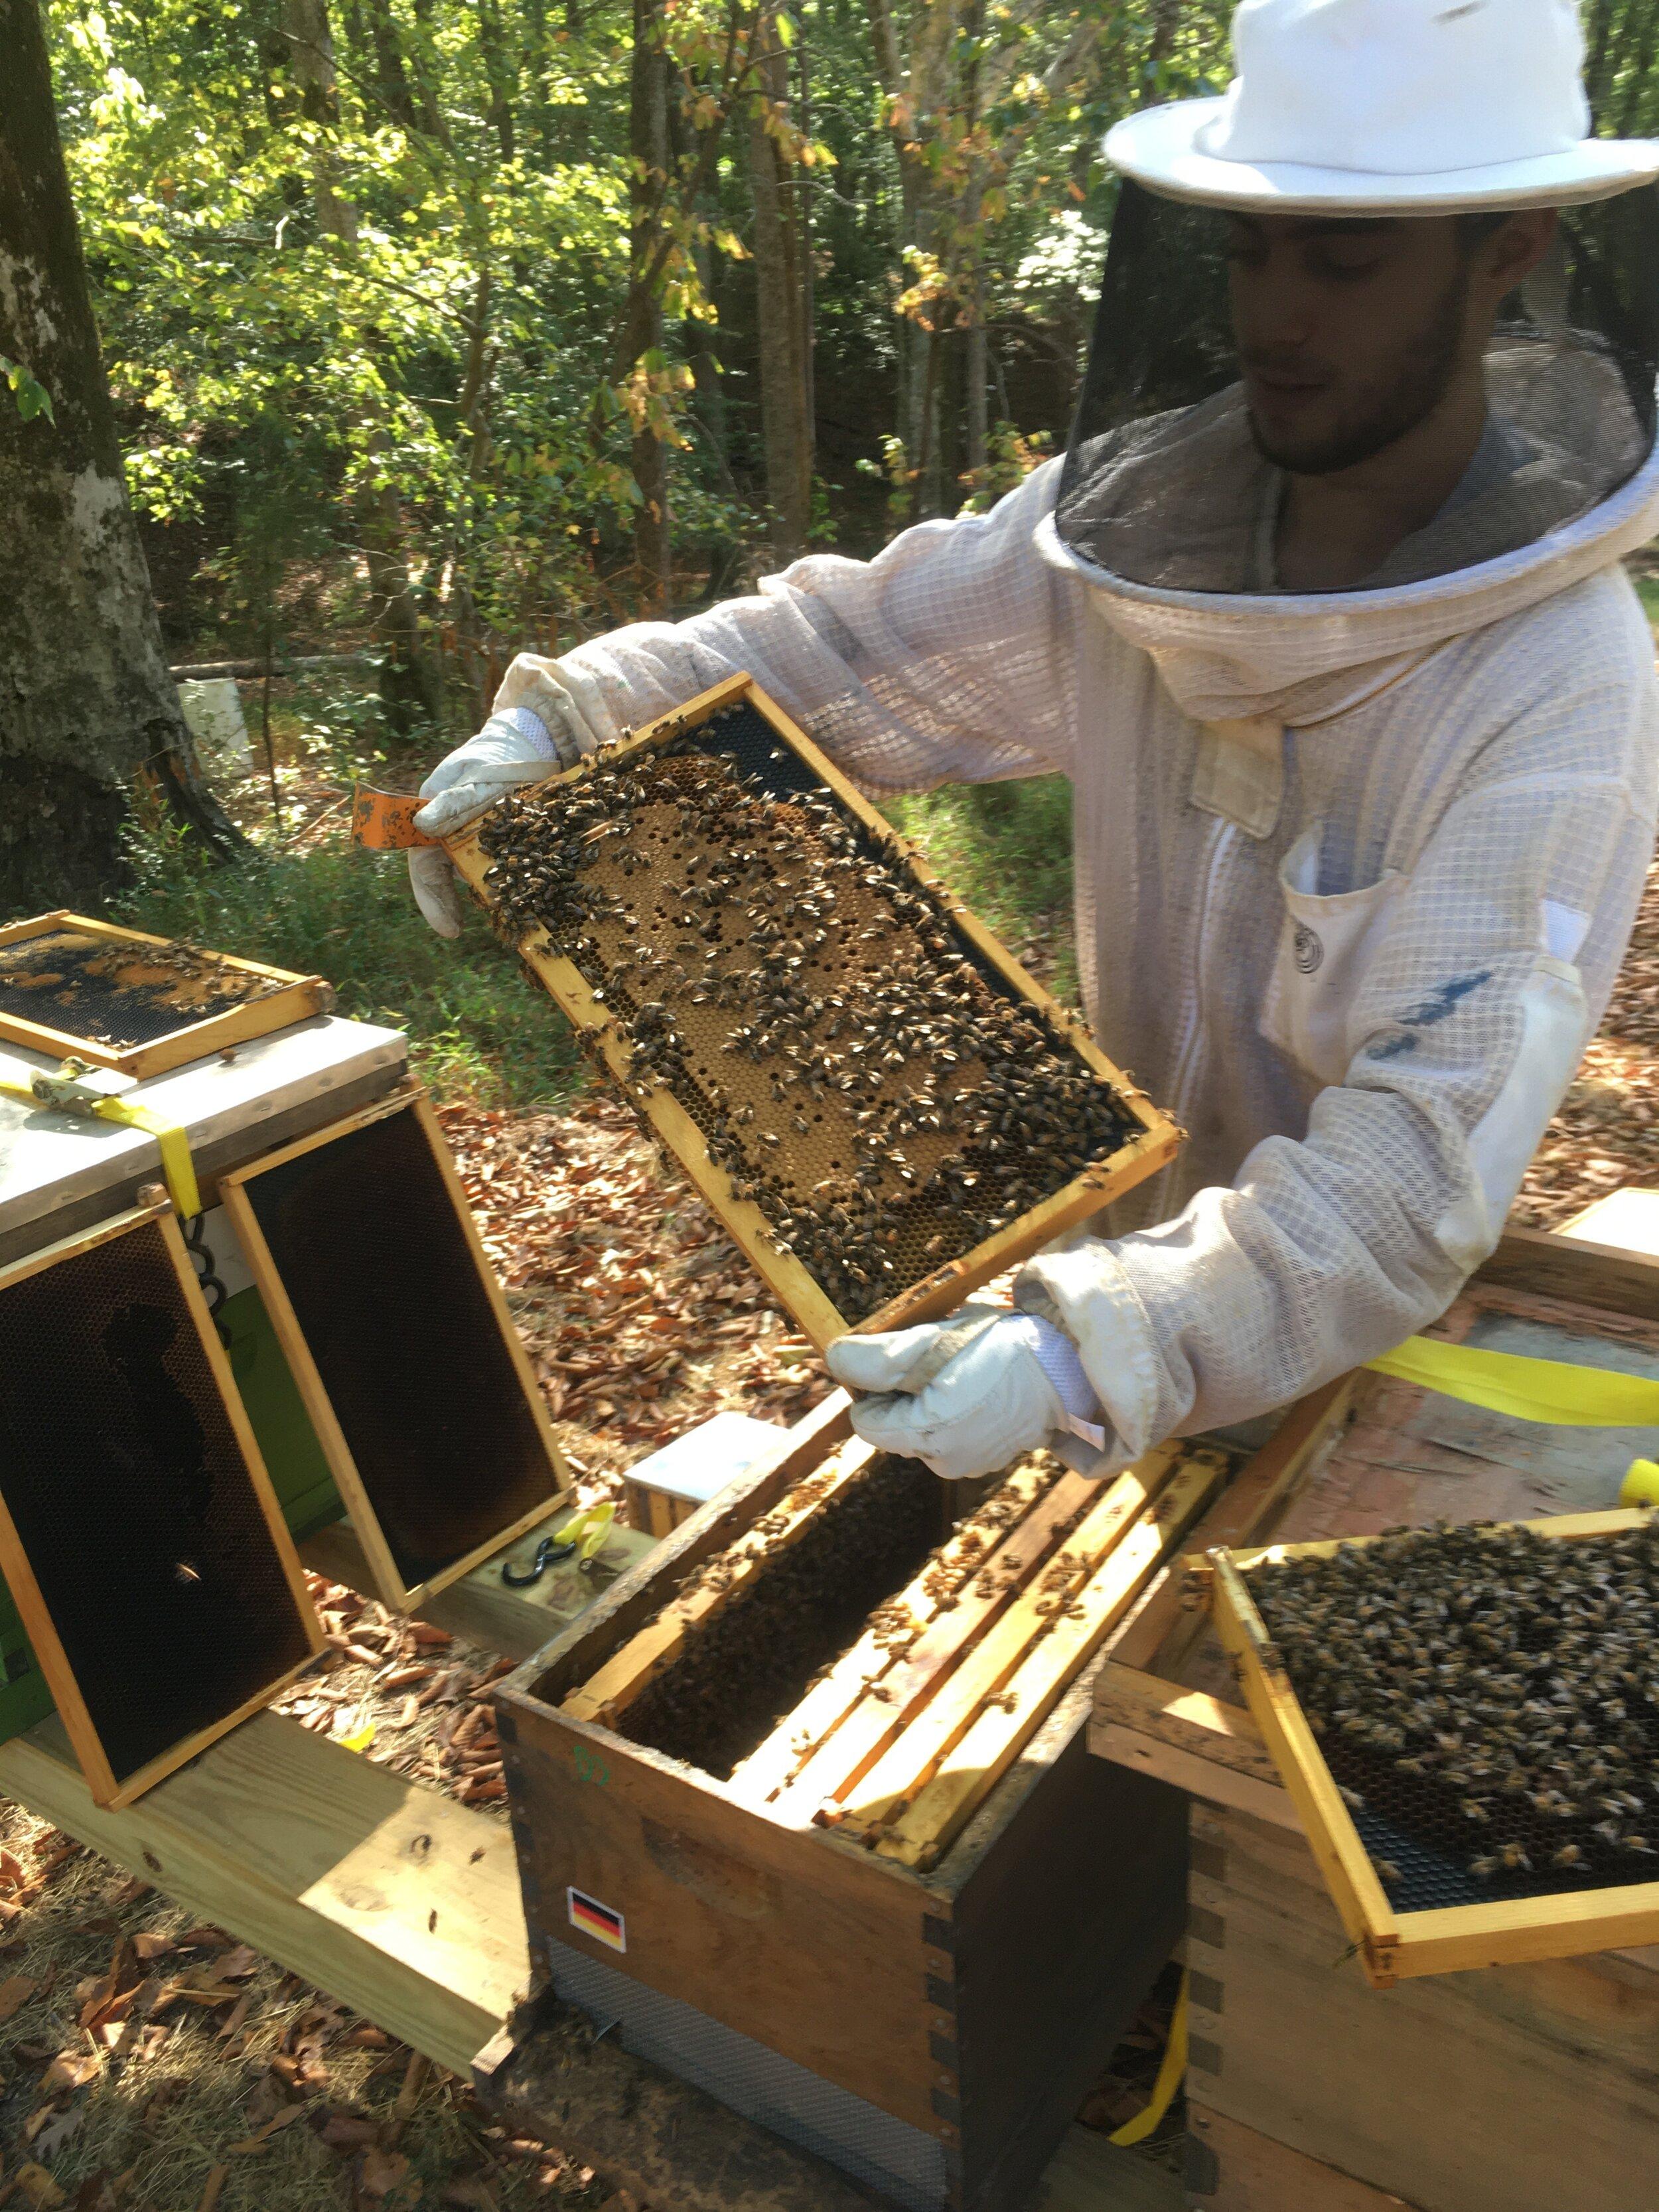 Beekeeping Erali Games [ 1333 x 1000 Pixel ]